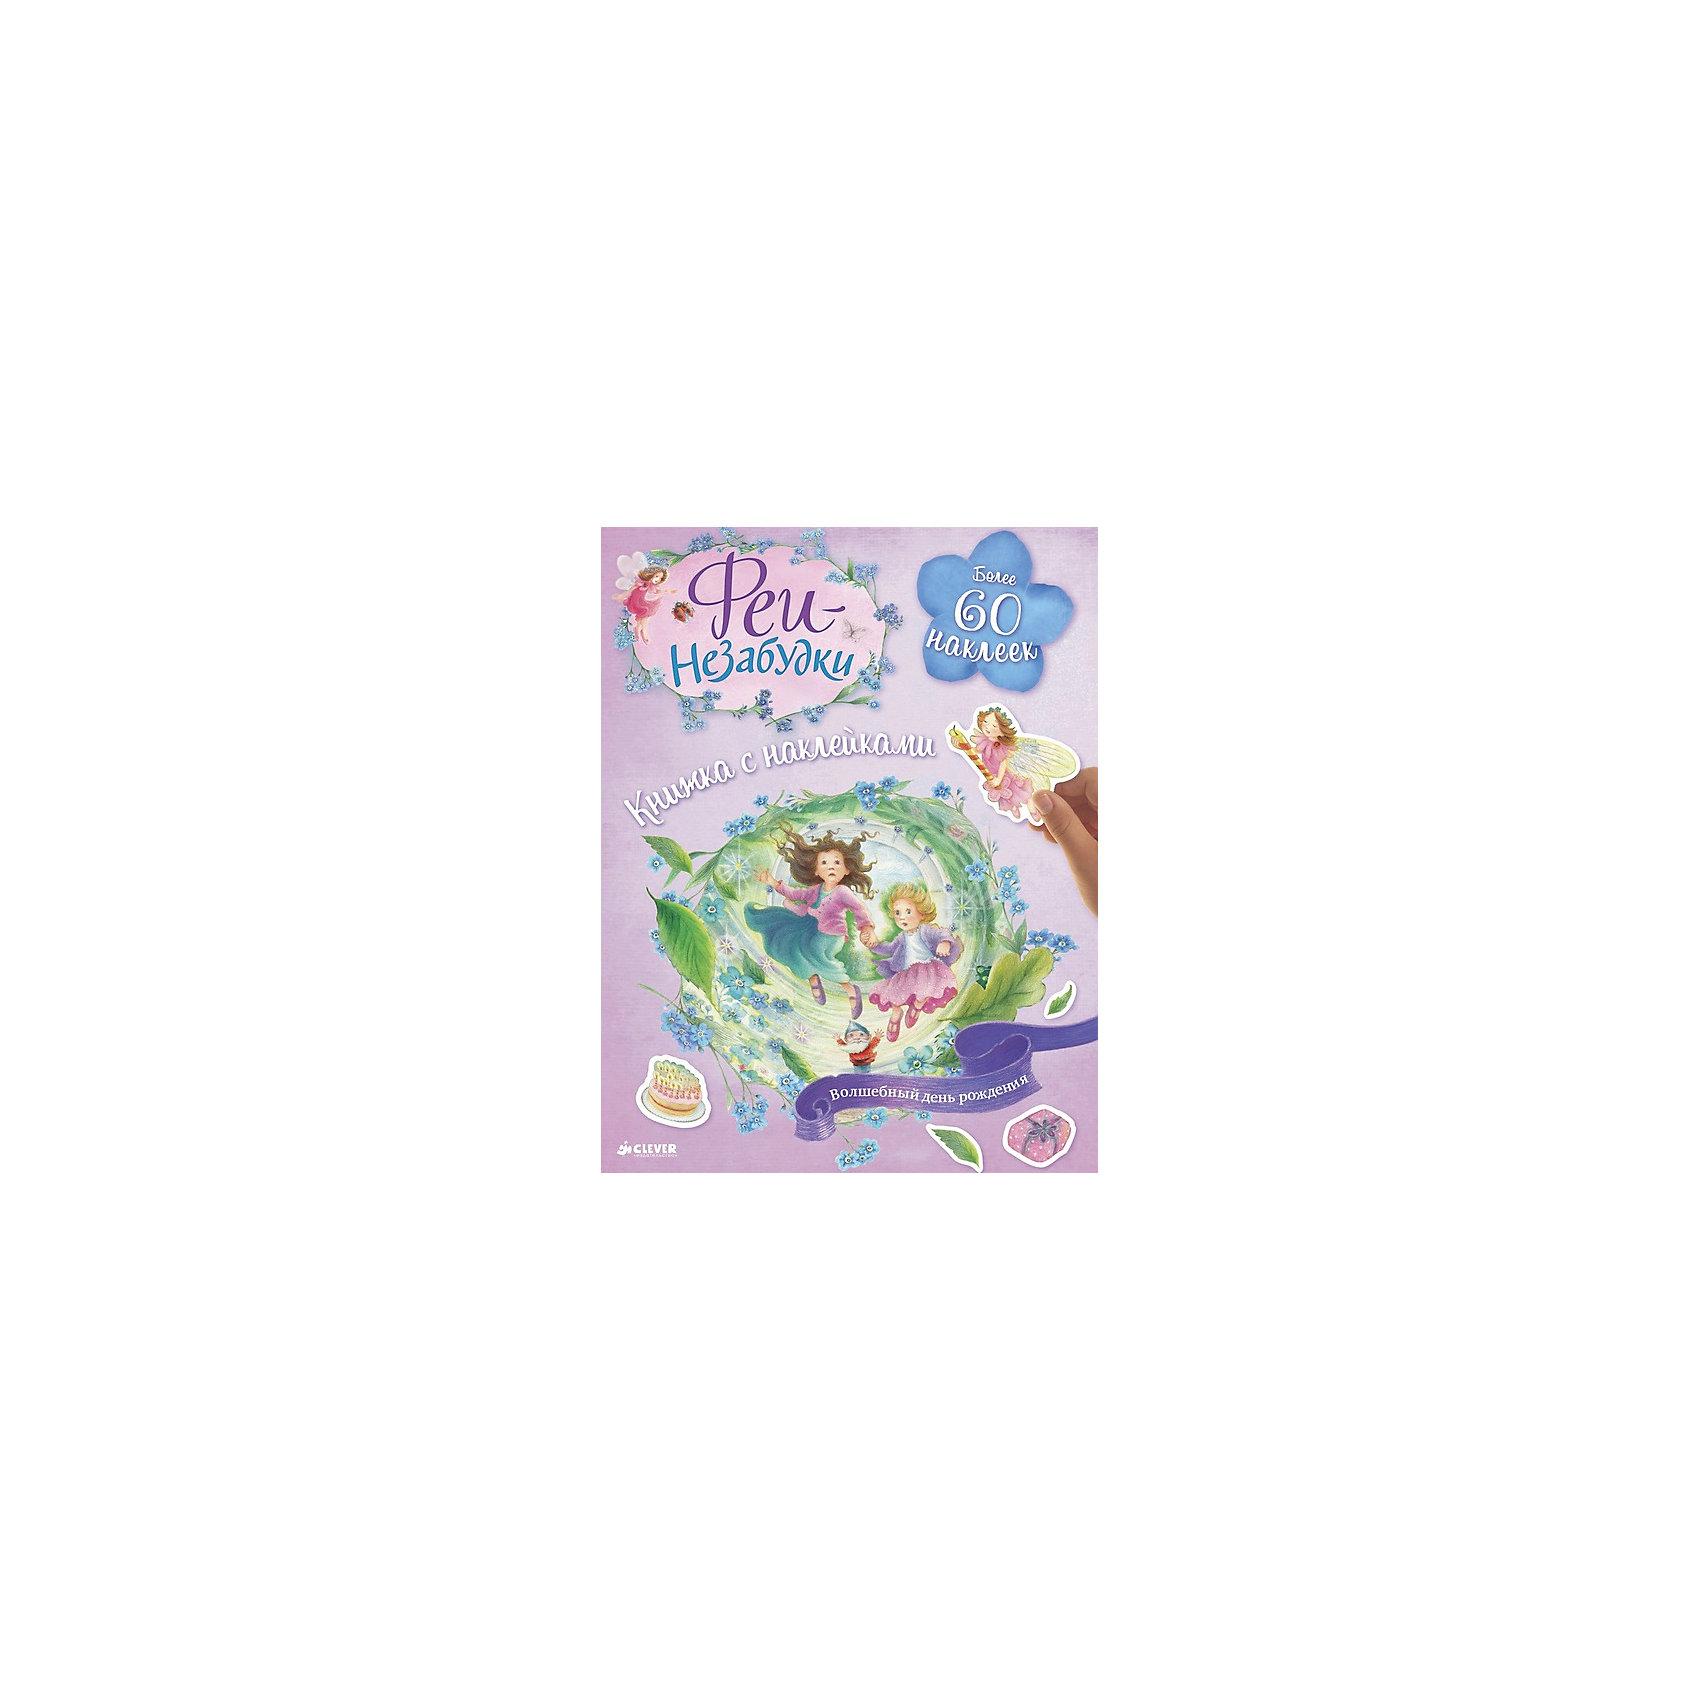 Книжка с наклейками Волшебный день рожденияКнижки с наклейками - достойная альтернатива раскраскам и стандартным книгам. Книжка Веселая школа фей станет потрясающим подарком для маленькой девочки. В сборнике вы найдете увлекательные истории, яркие картинки и сказочные наклейки. Данная книга - это удобный формат, интересные задания и эффективный способ для ребенка провести время с пользой! Интеллект и способности ребенка нужно развивать - и тогда он в дальнейшем сможет освоить больше полезных навыков и знаний. Сделать это занятие интересным и легким поможет данное издание.<br>В нем с помощью занимательных заданий опытные педагоги помогают детям развить навыки мышления, необходимые дошкольникам. Они развивают ещё и внимательность и логику. Очень интересные задания, которые надо выполнить с помощью наклеек, помогут развить координация движений.<br><br>Дополнительная информация:<br><br>формат: 22 х 28 см<br>страниц: 16;<br>в компекте - наклейки.<br><br>Книжку с наклейками  Волшебный день рождения можно приобрести в нашем магазине.<br><br>Ширина мм: 275<br>Глубина мм: 210<br>Высота мм: 5<br>Вес г: 100<br>Возраст от месяцев: 48<br>Возраст до месяцев: 72<br>Пол: Унисекс<br>Возраст: Детский<br>SKU: 4976108